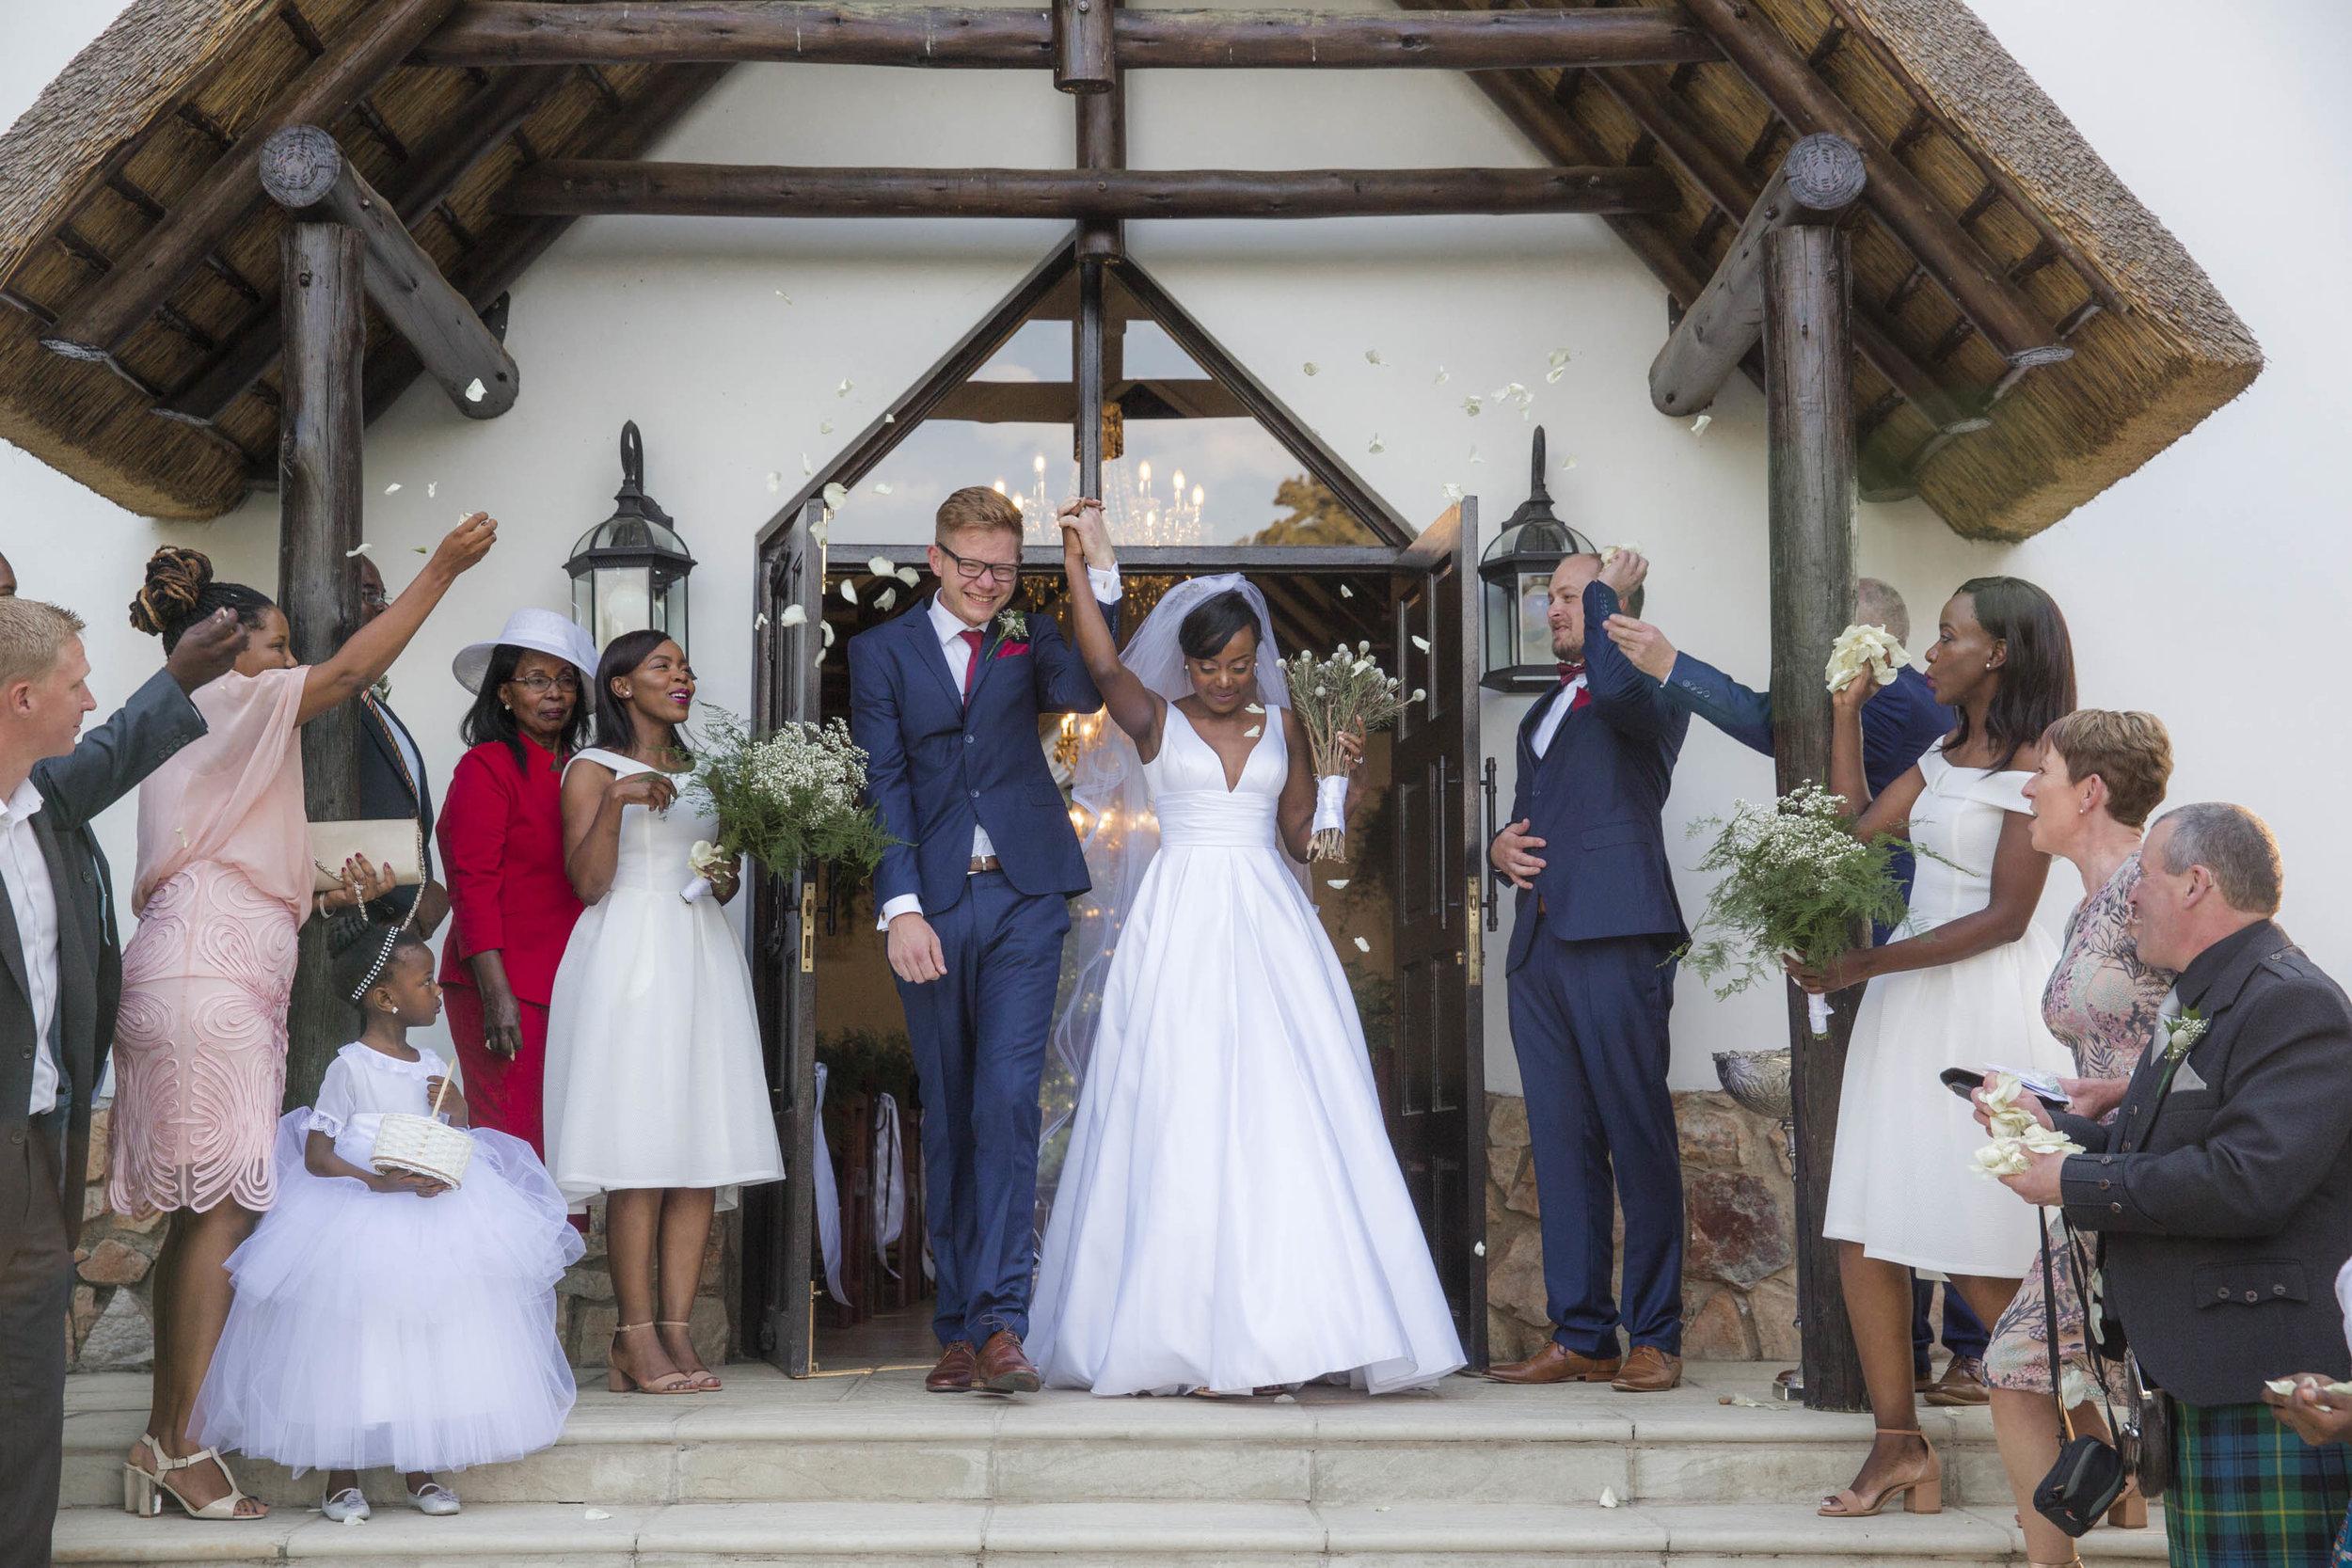 079a-gauteng-wedding-photographers.JPG